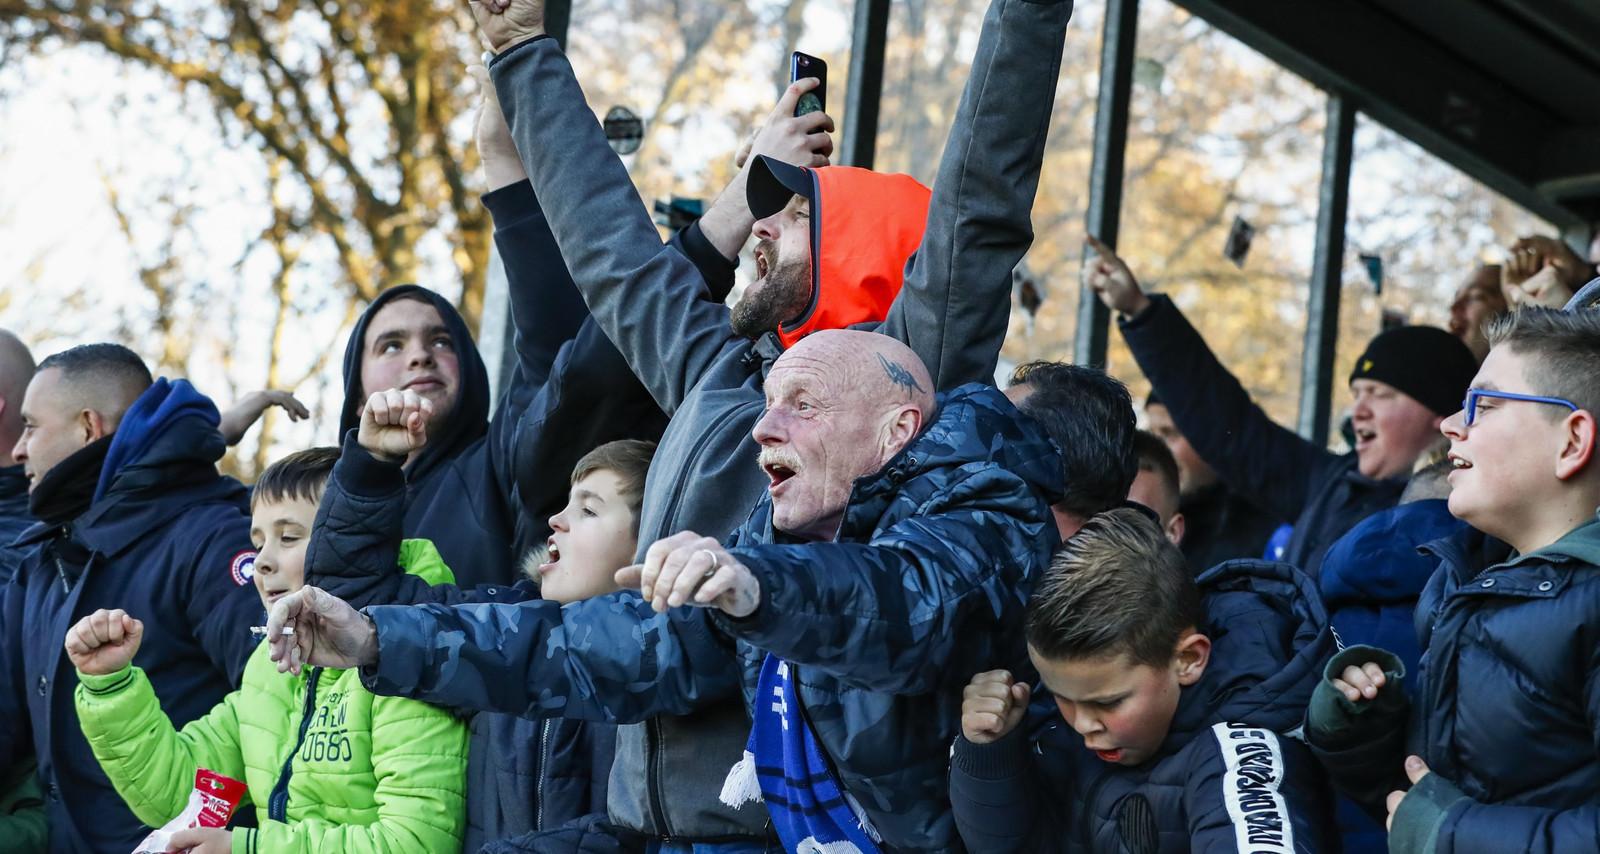 De FC Den Bosch kunnen weer juichen nu hun club goed presteert.